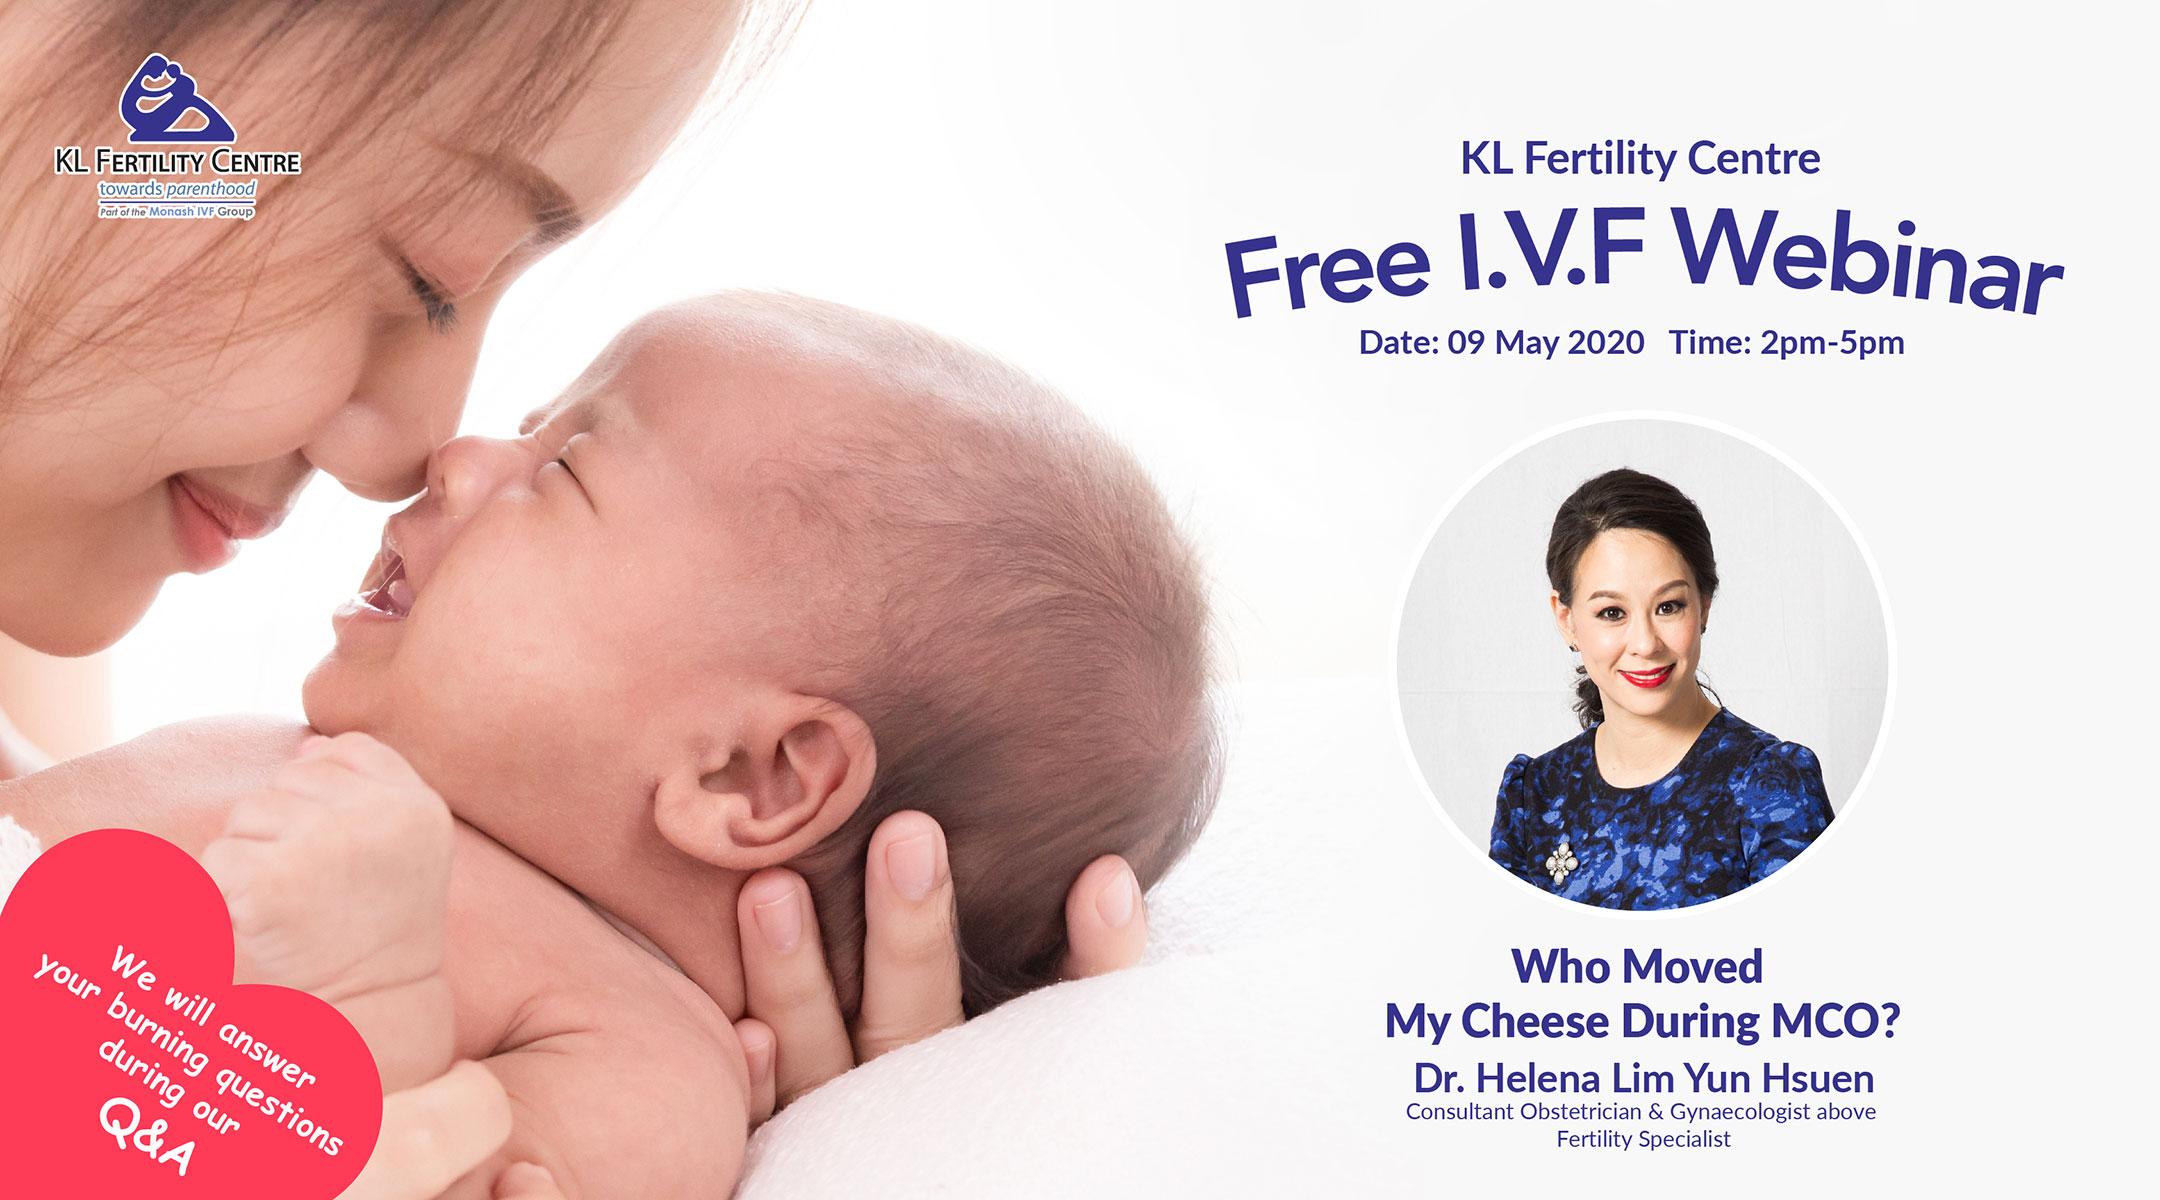 Free IVF Webinar 09 May 2020 - Dr. Helena Lim Yun Hsuen